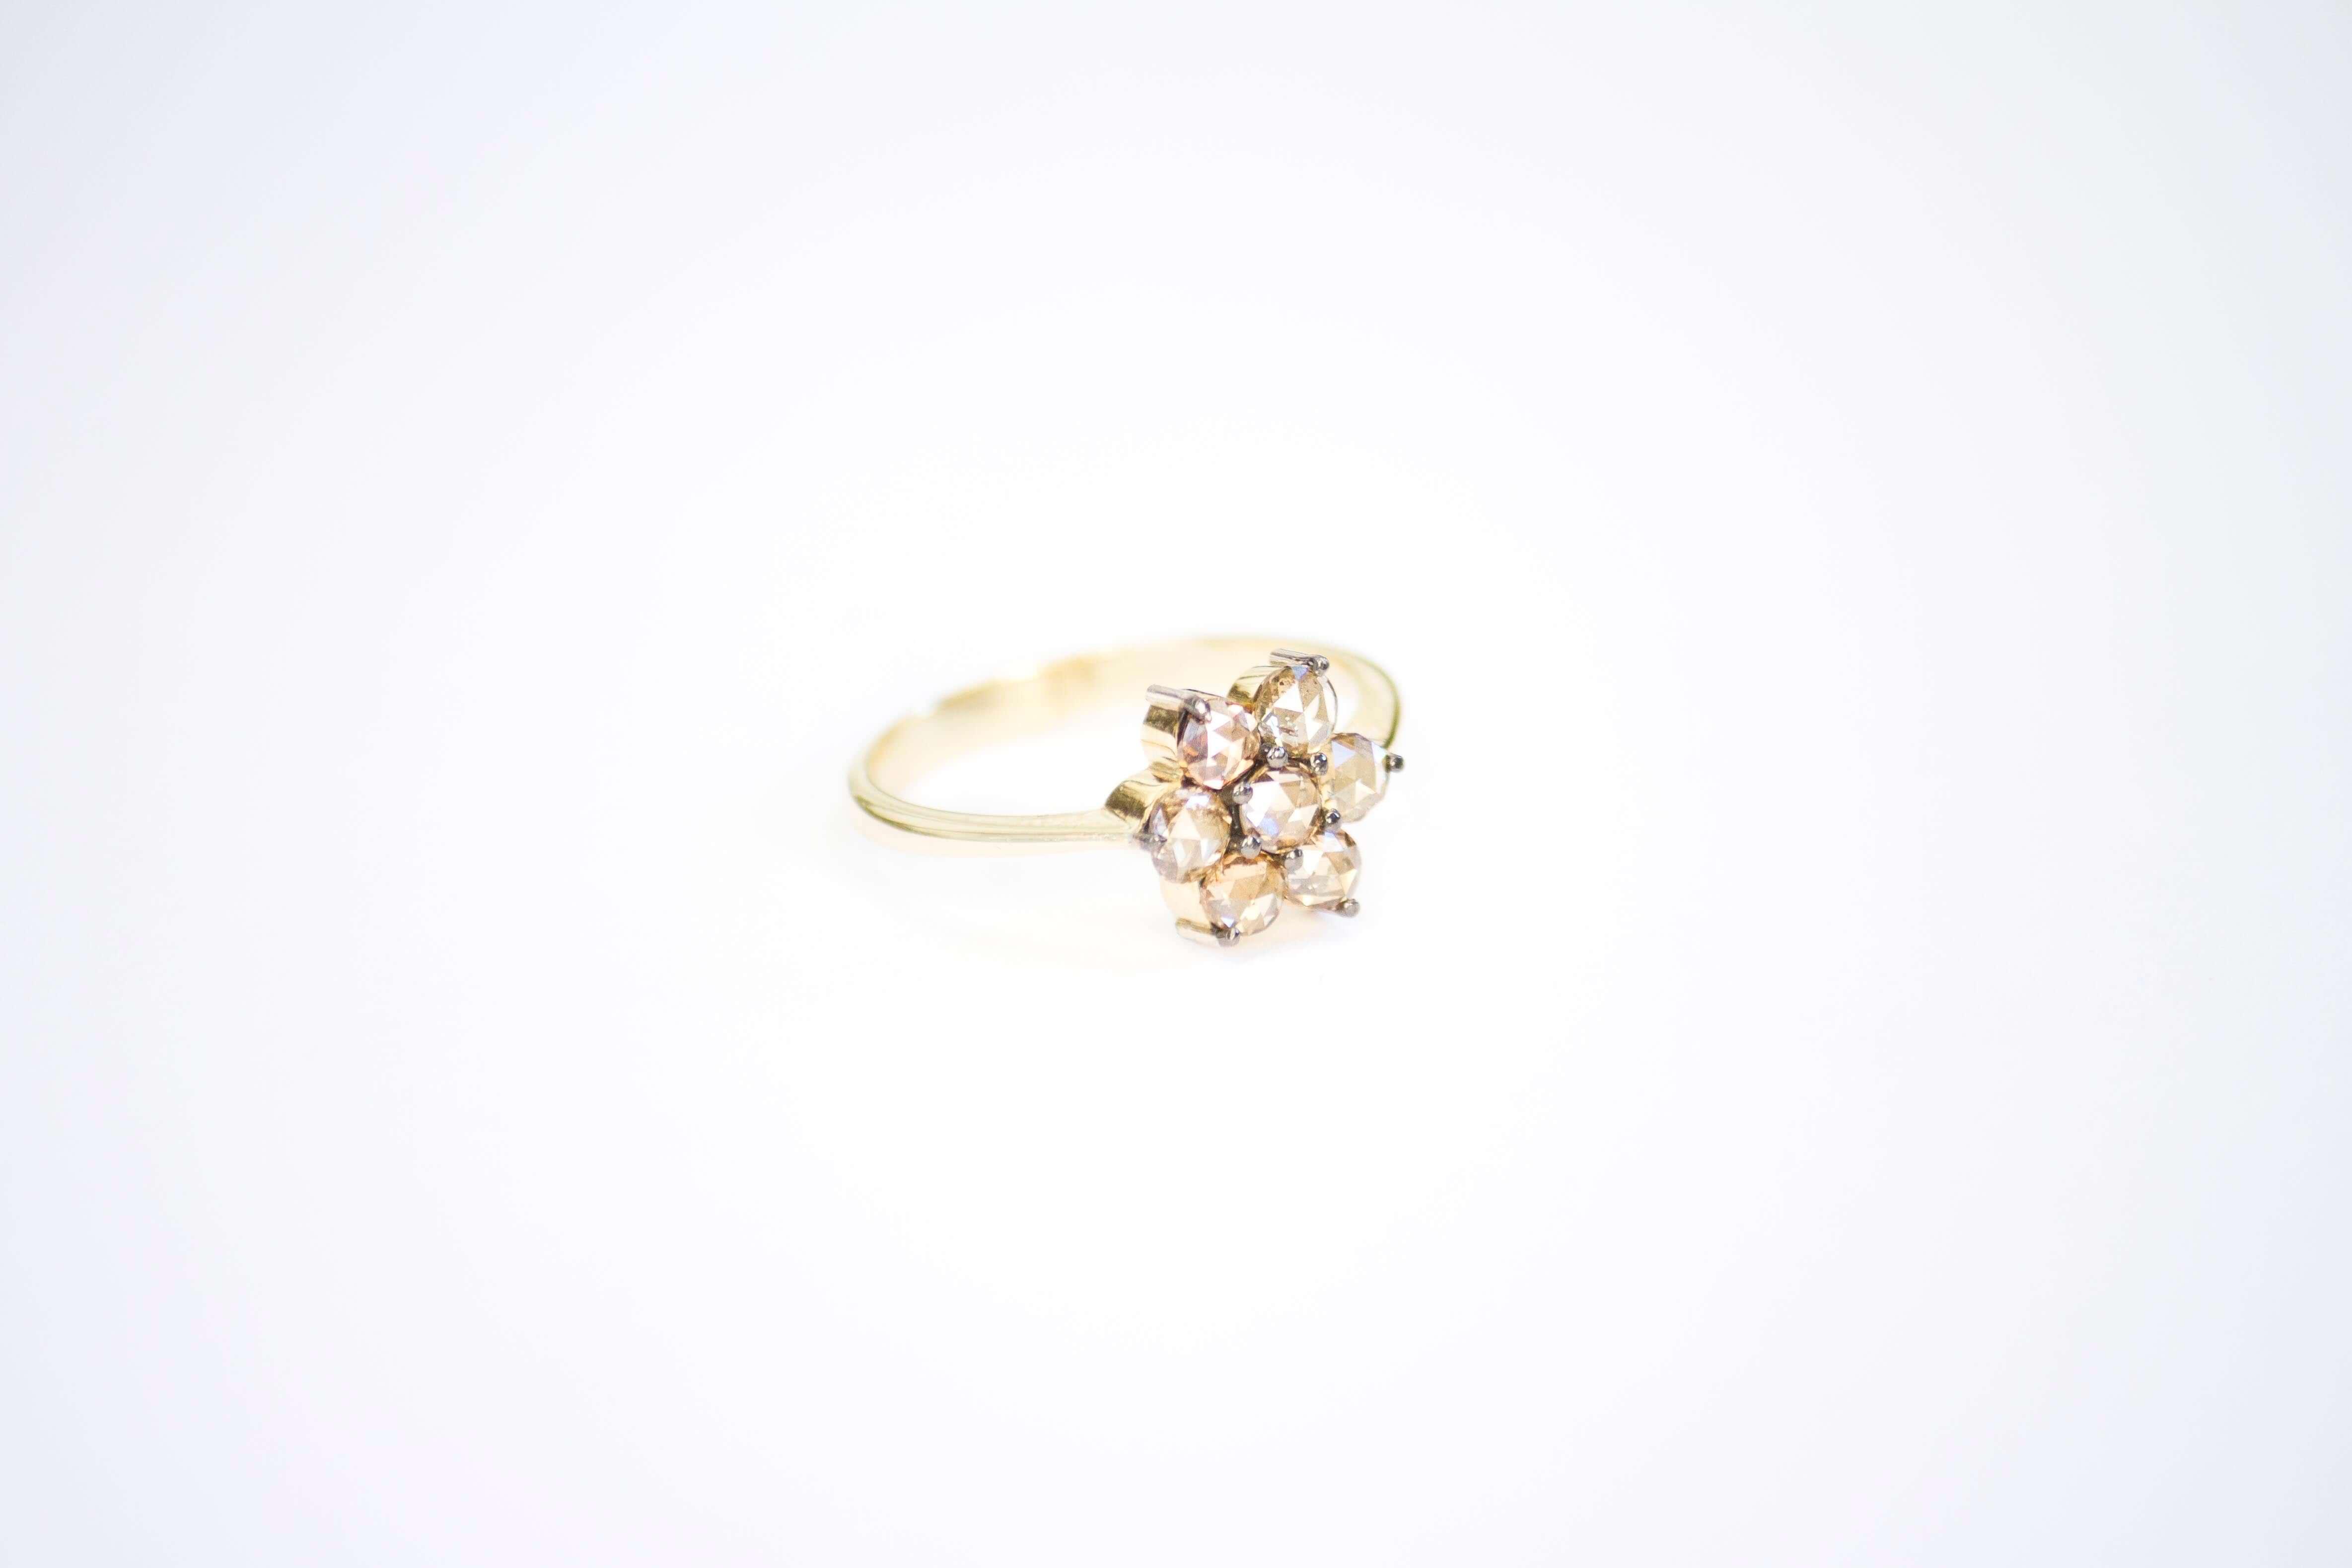 florrosecutdiamondsring2FICHA-oonacollections